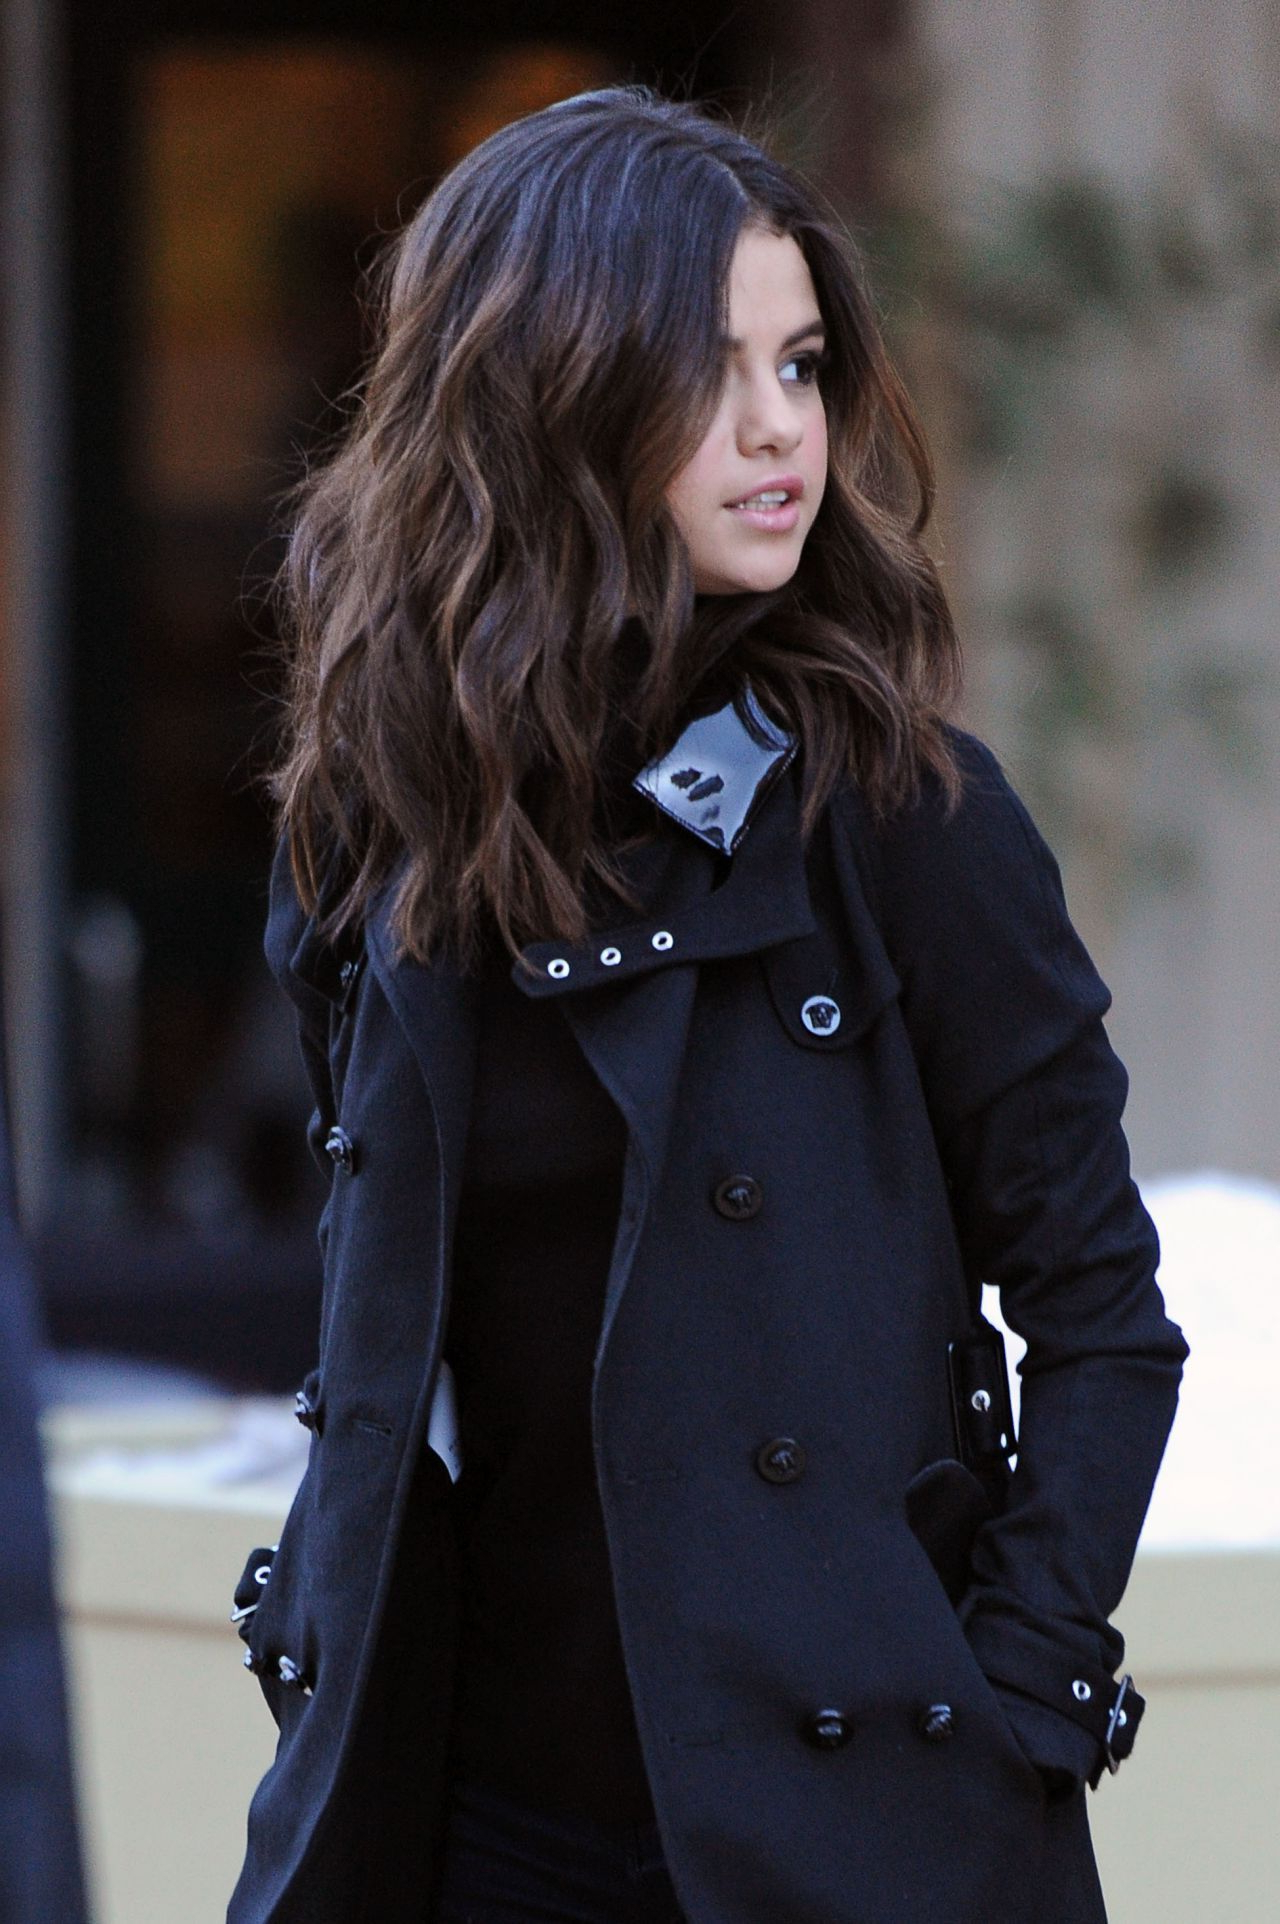 Selena Gomez (View 3 of 20)